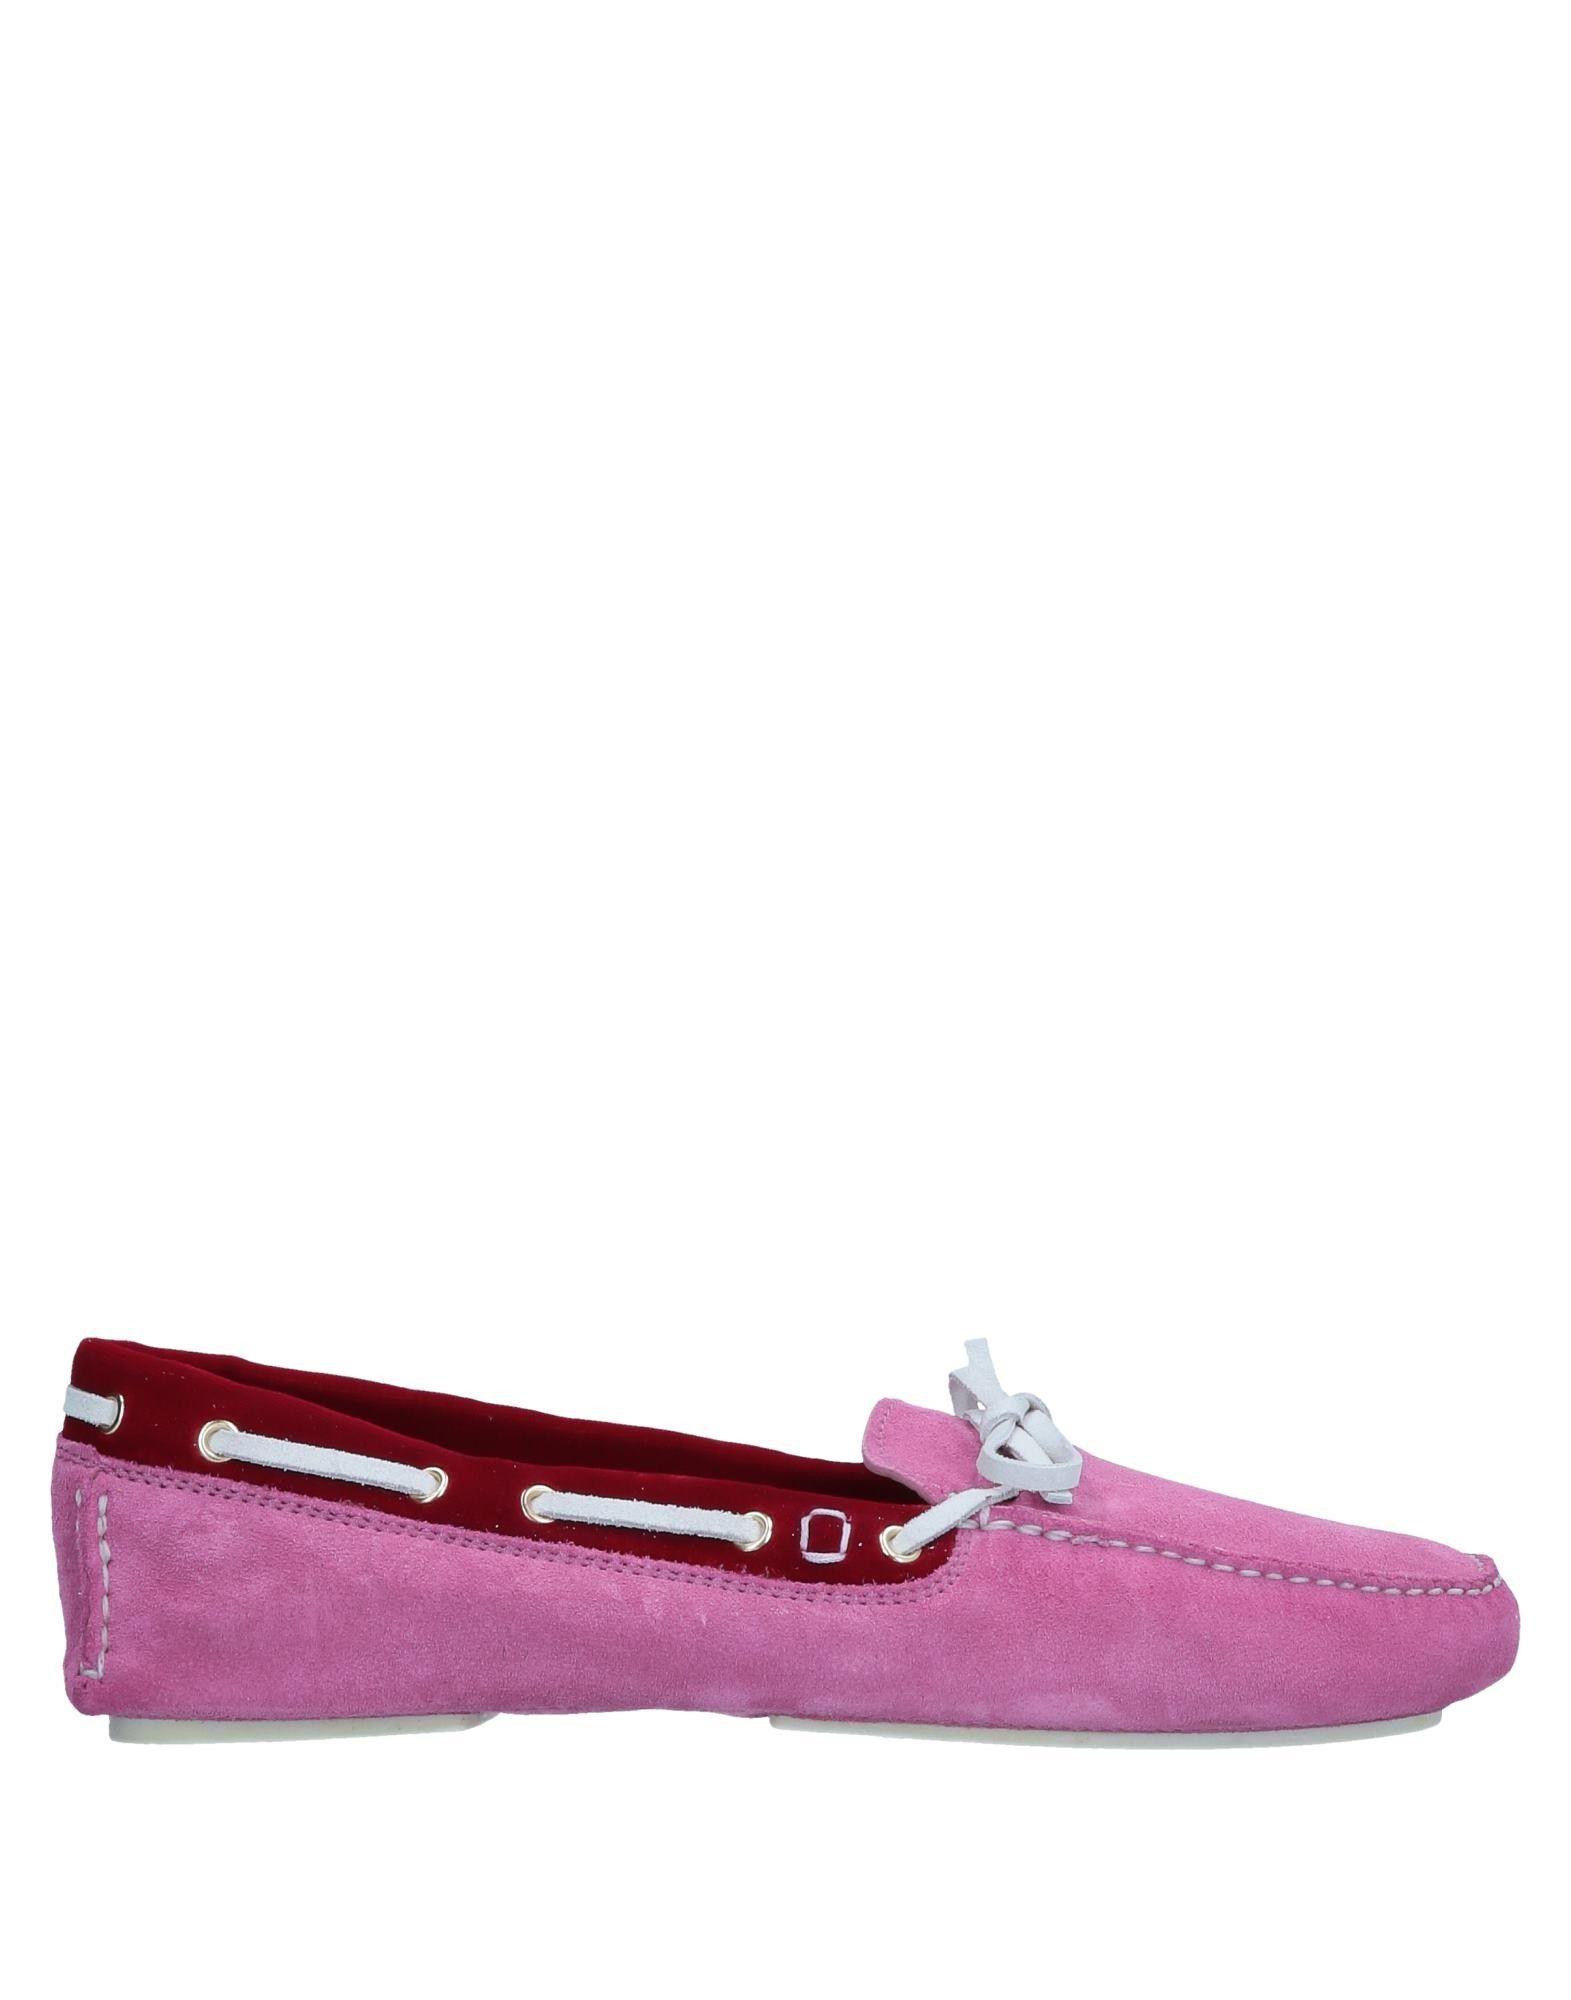 Arfango Mokassins Herren  11547628QK Gute Qualität beliebte Schuhe